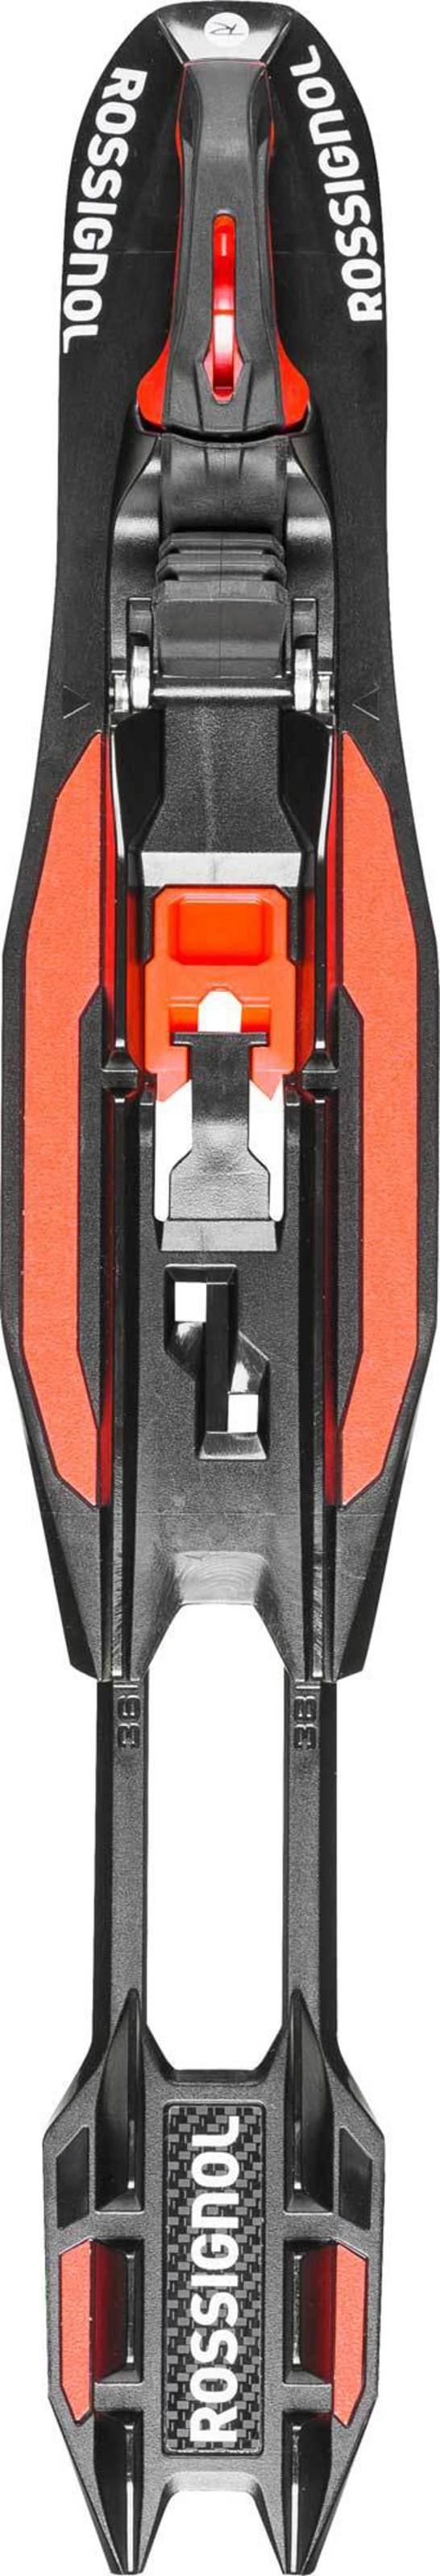 RJG1004_RACE-CLASSIC-rgb72dpi.jpg